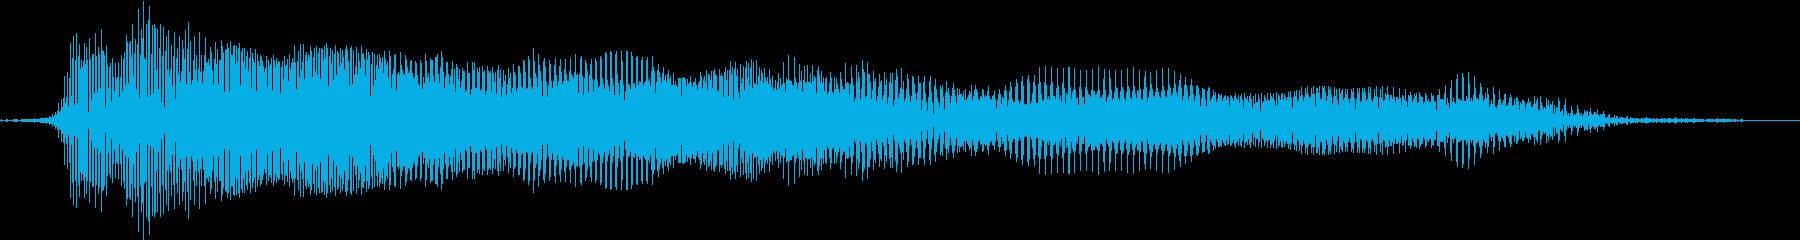 押すと音のなるおもちゃ 04の再生済みの波形